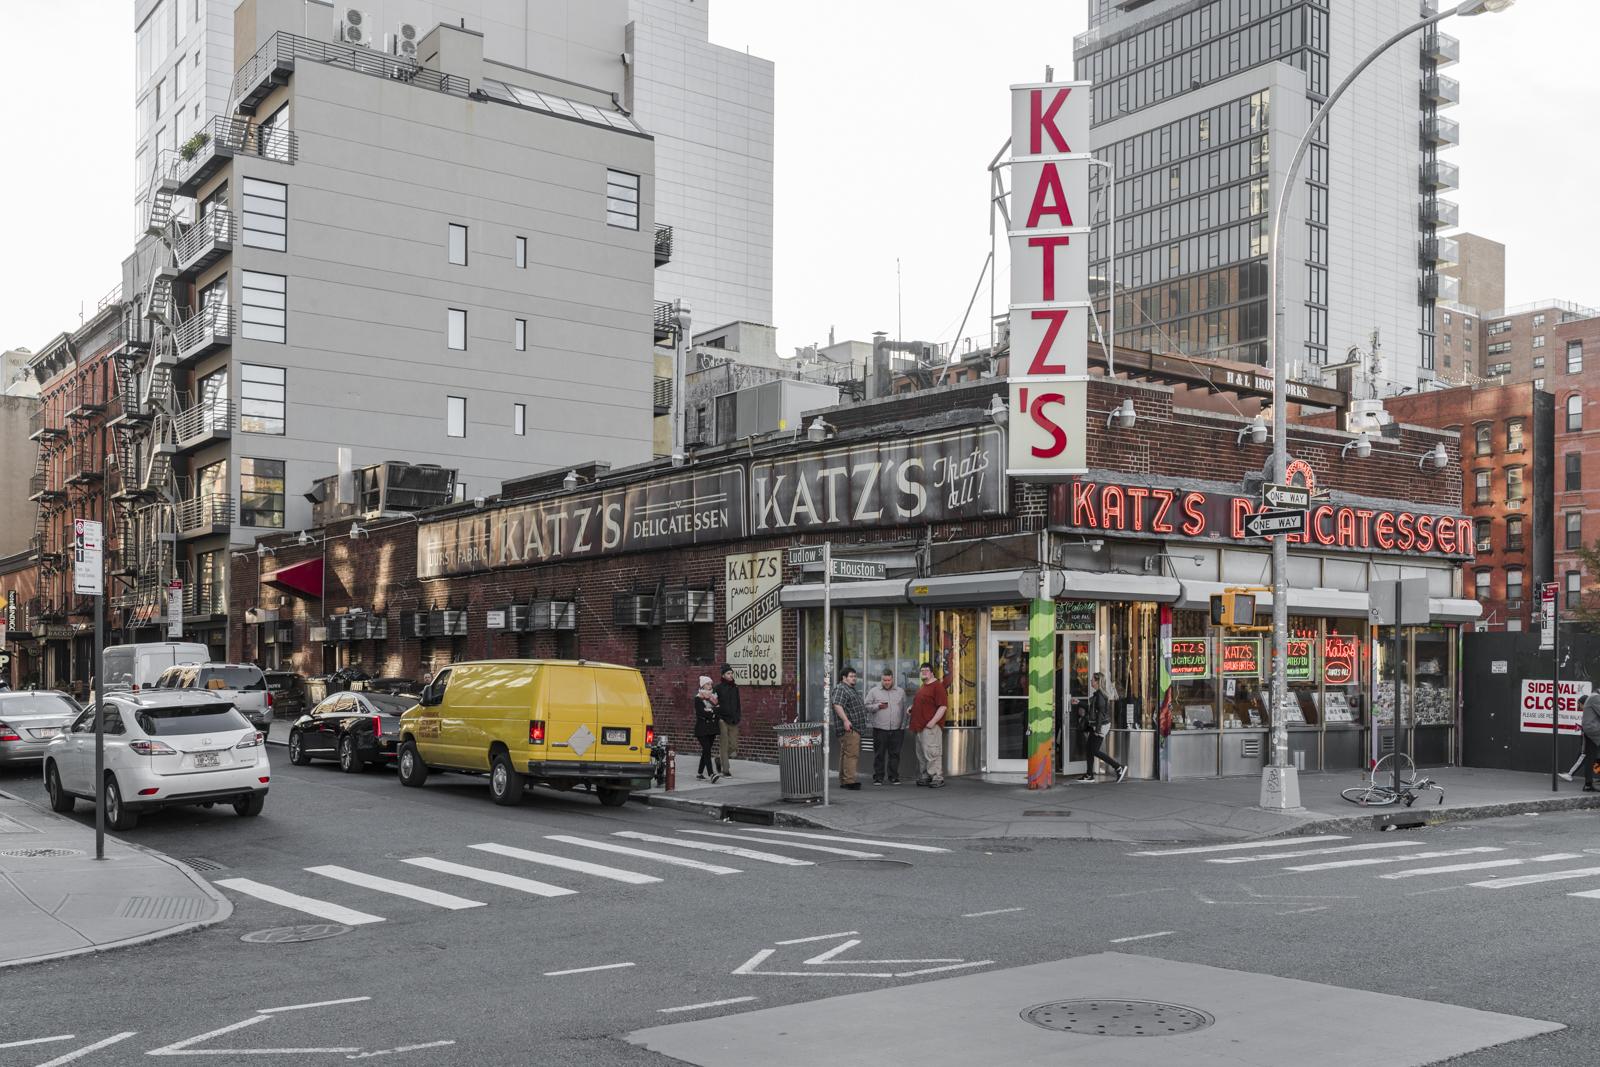 Katz's Deli, East Village NYC